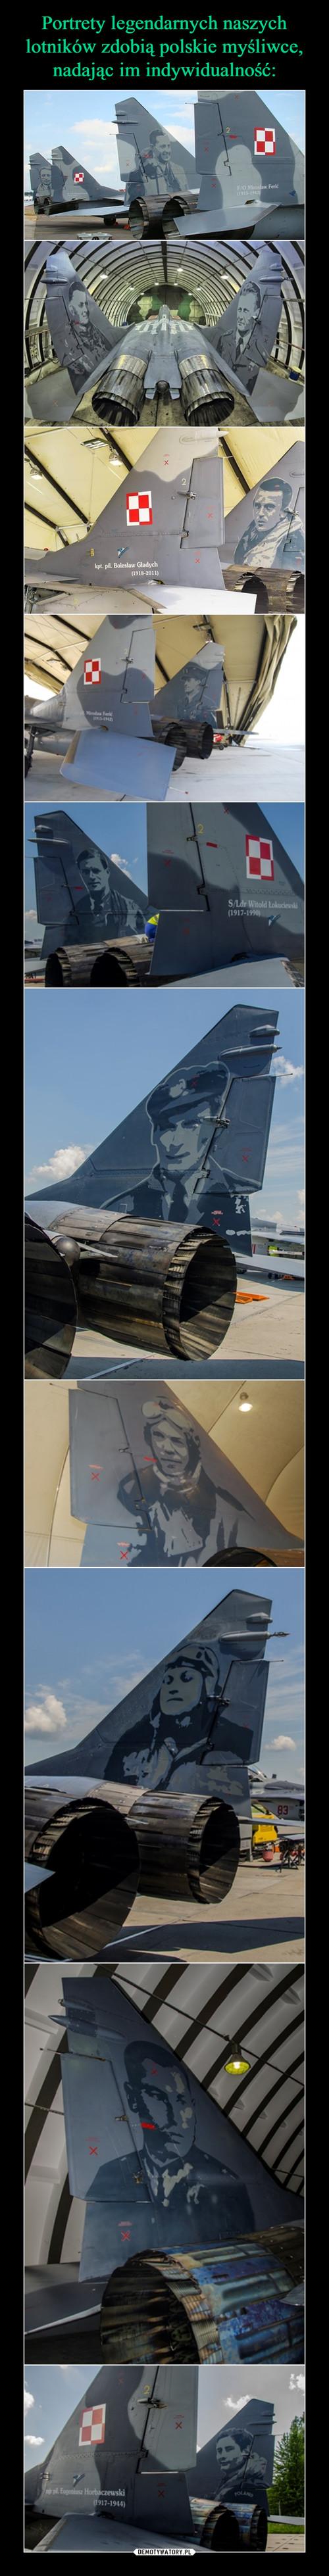 Portrety legendarnych naszych lotników zdobią polskie myśliwce, nadając im indywidualność: